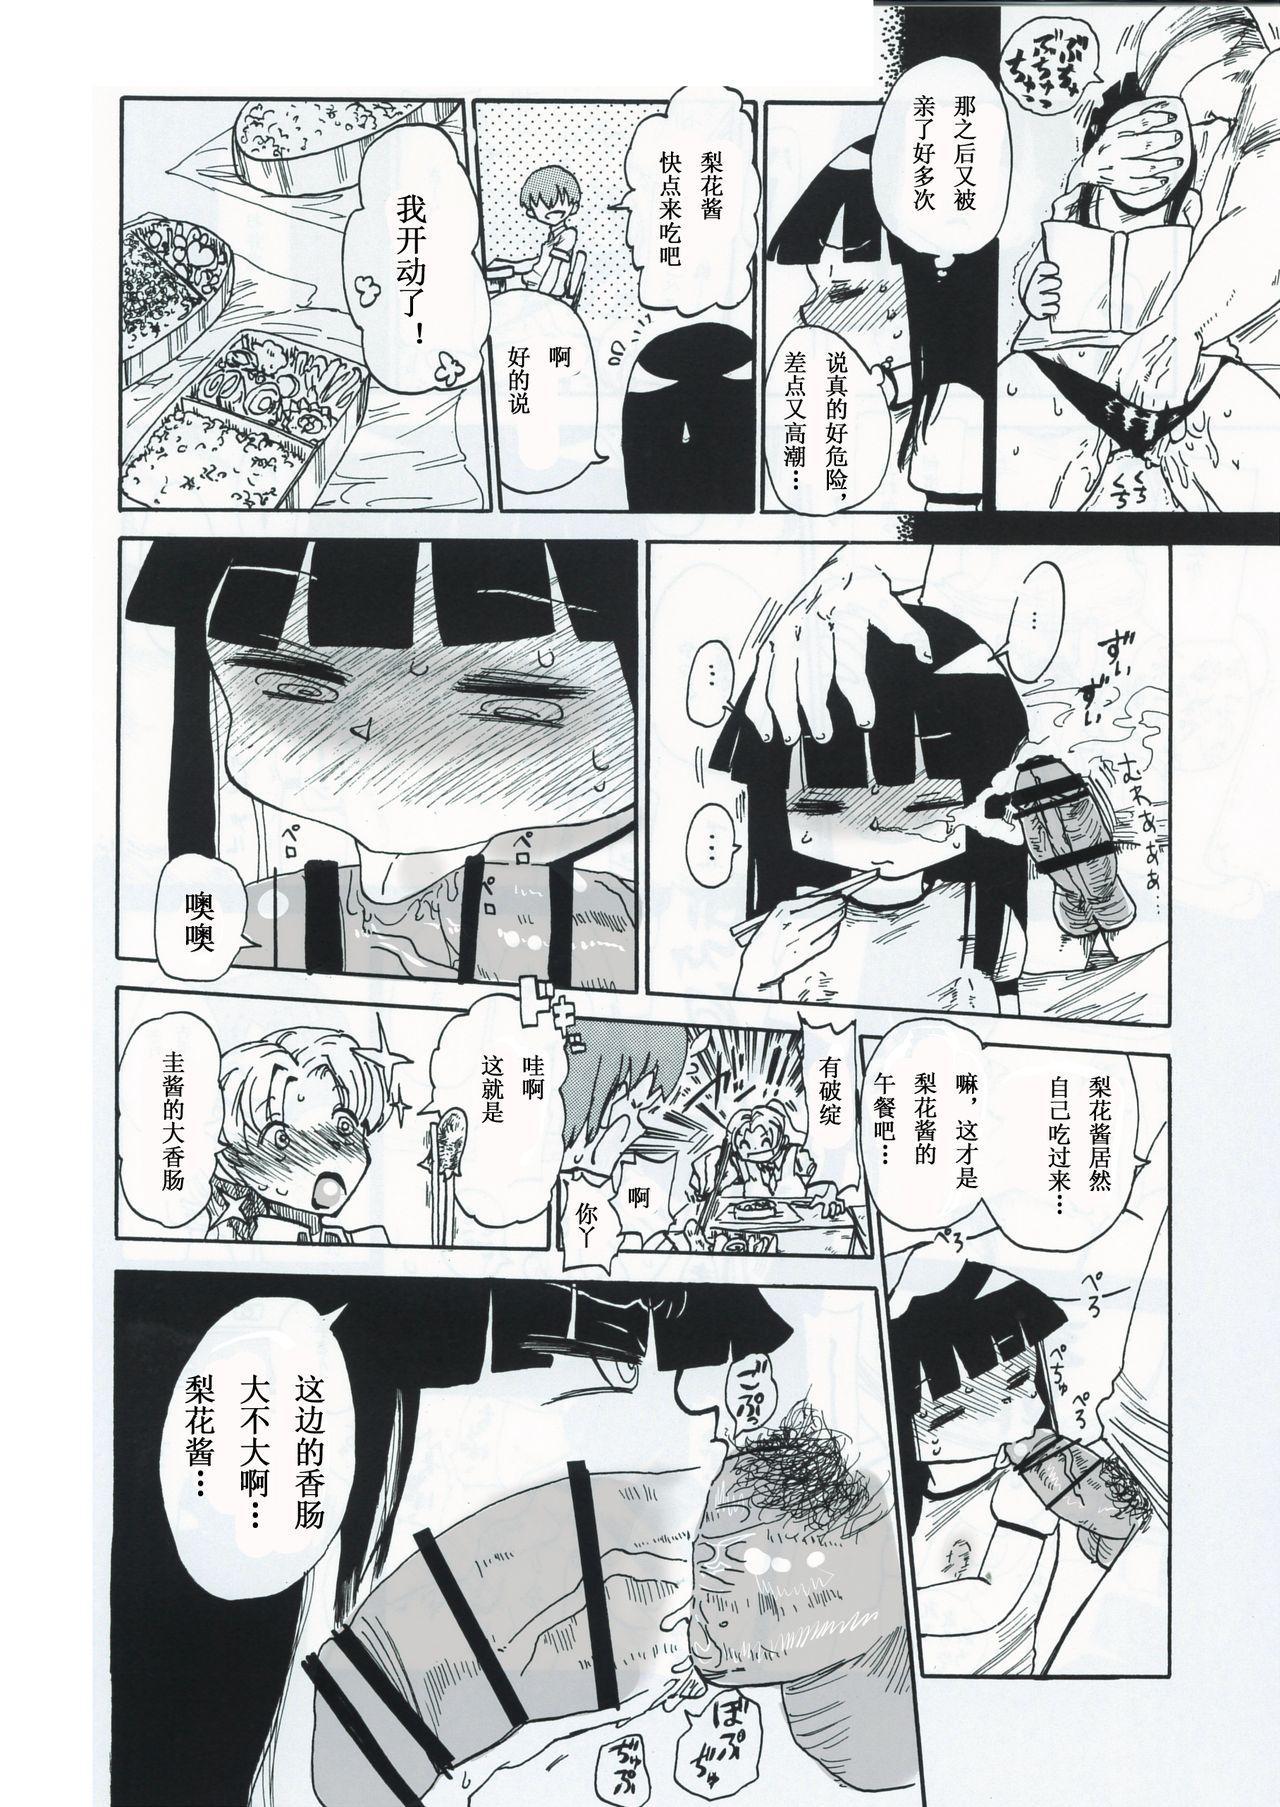 Kiki Kaikai! | 奇奇怪怪 23